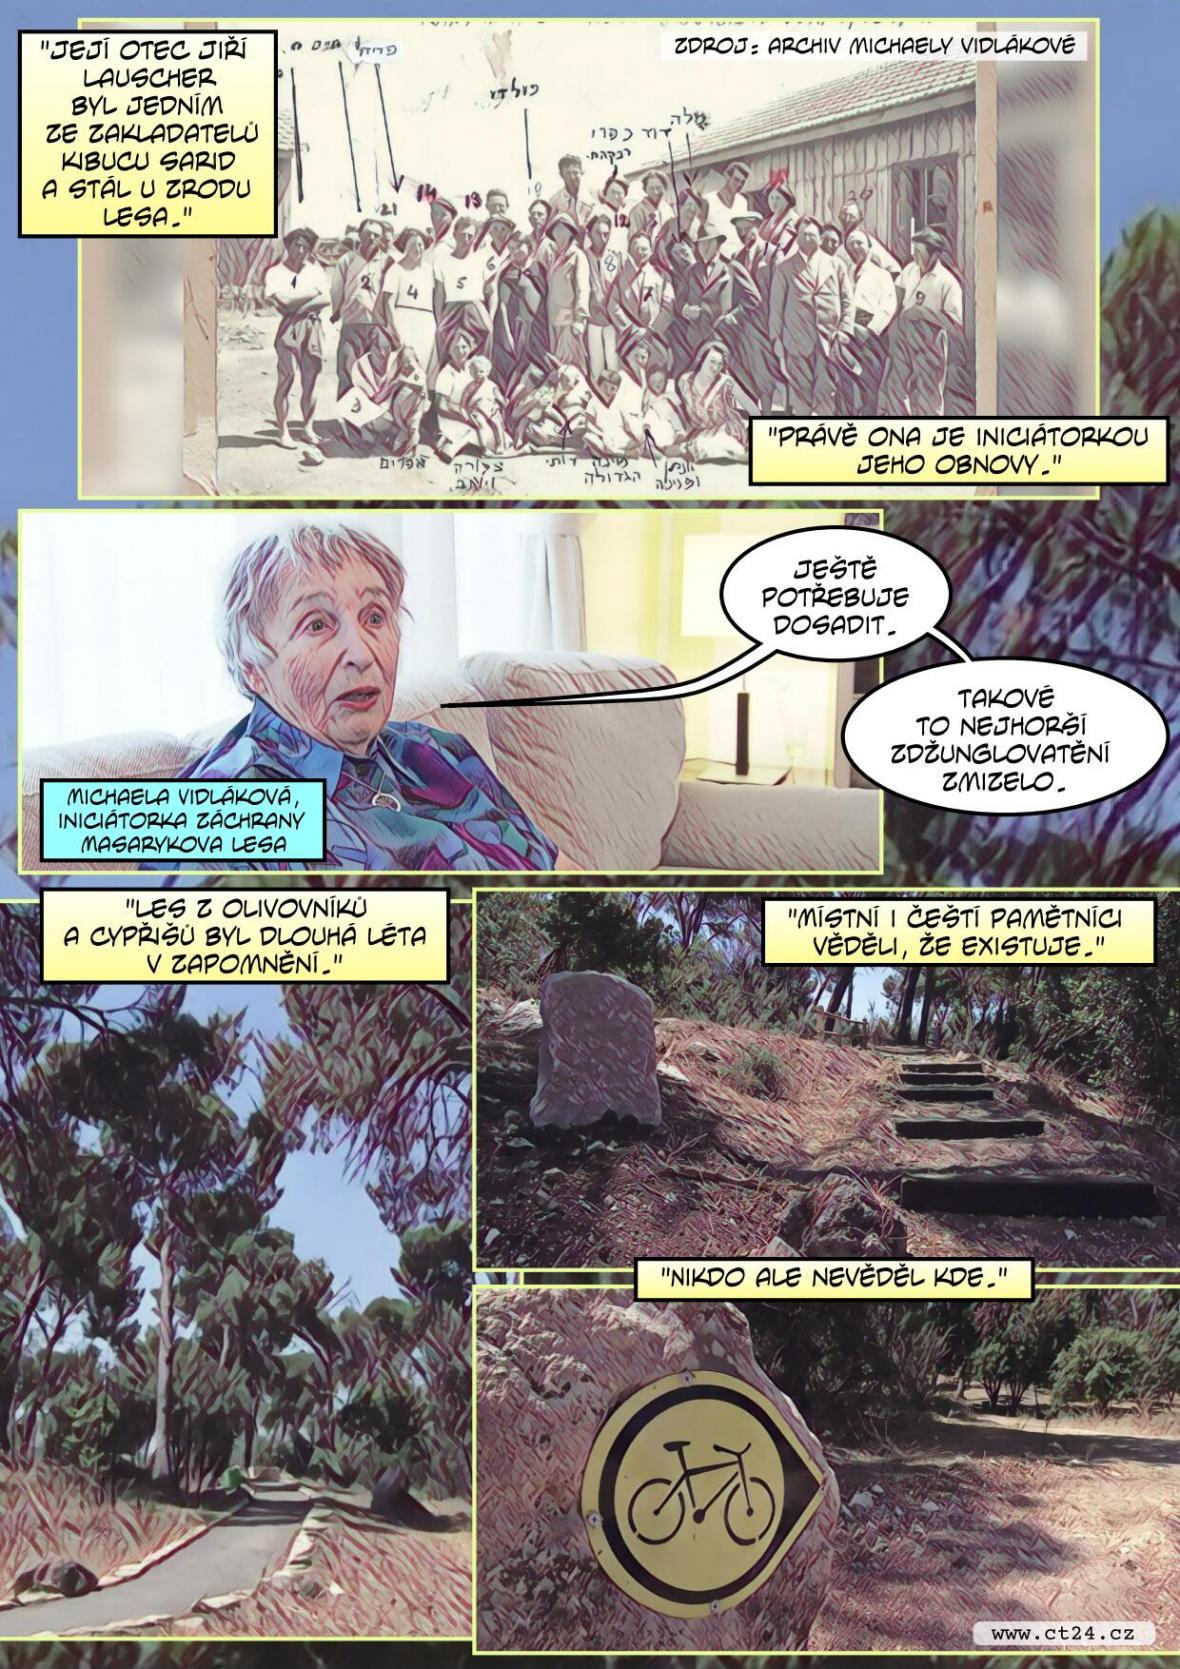 Masarykův les v Izraeli kdysi vytvořili čeští Židé. Nyní jej Češi pomáhali obnovit